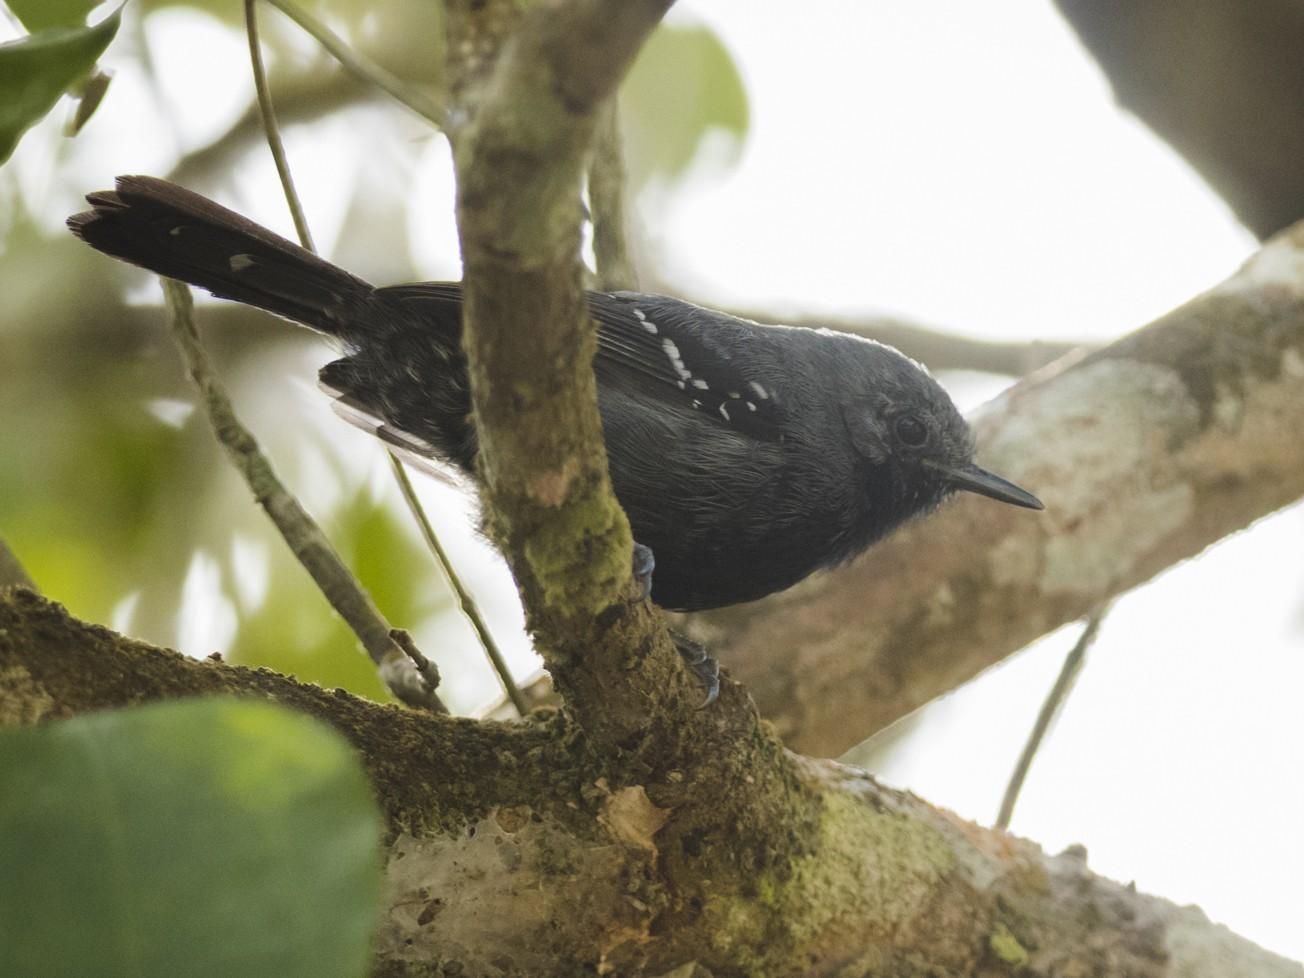 Narrow-billed Antwren - Claudia Brasileiro